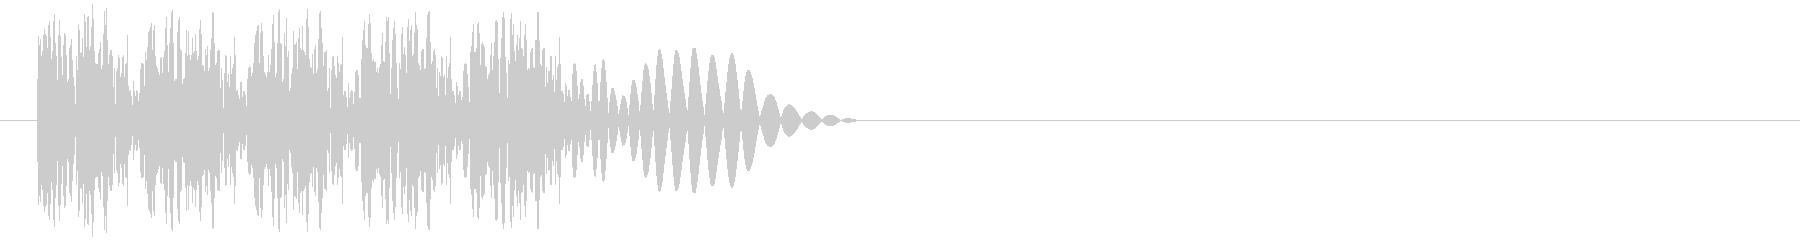 ビュビュビュビュ…(弾発射・連射・高速)の未再生の波形